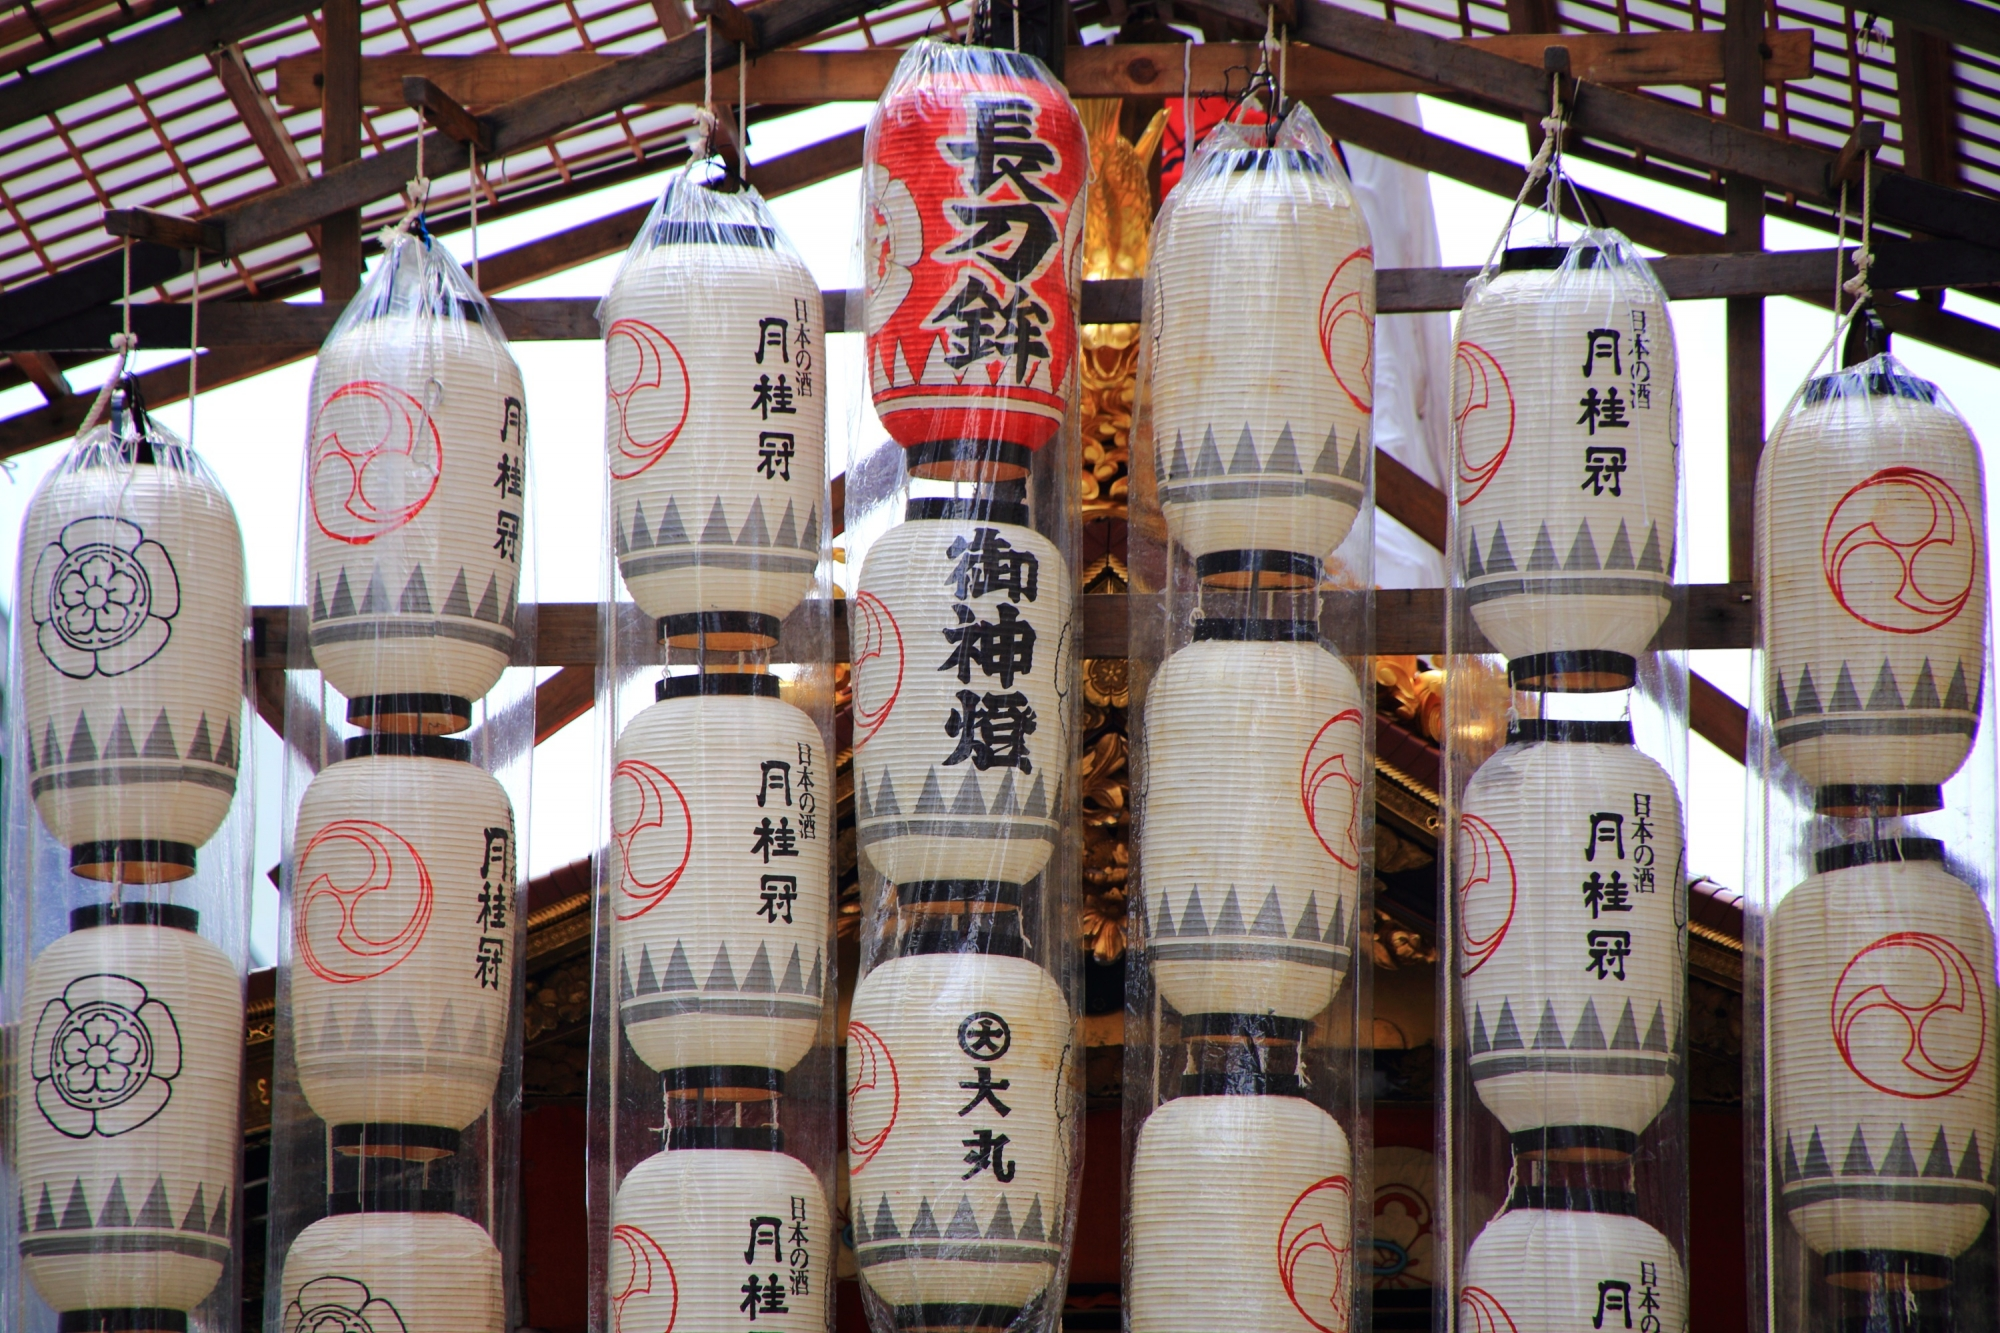 夏の風物詩の祇園祭の長刀鉾の駒形提灯